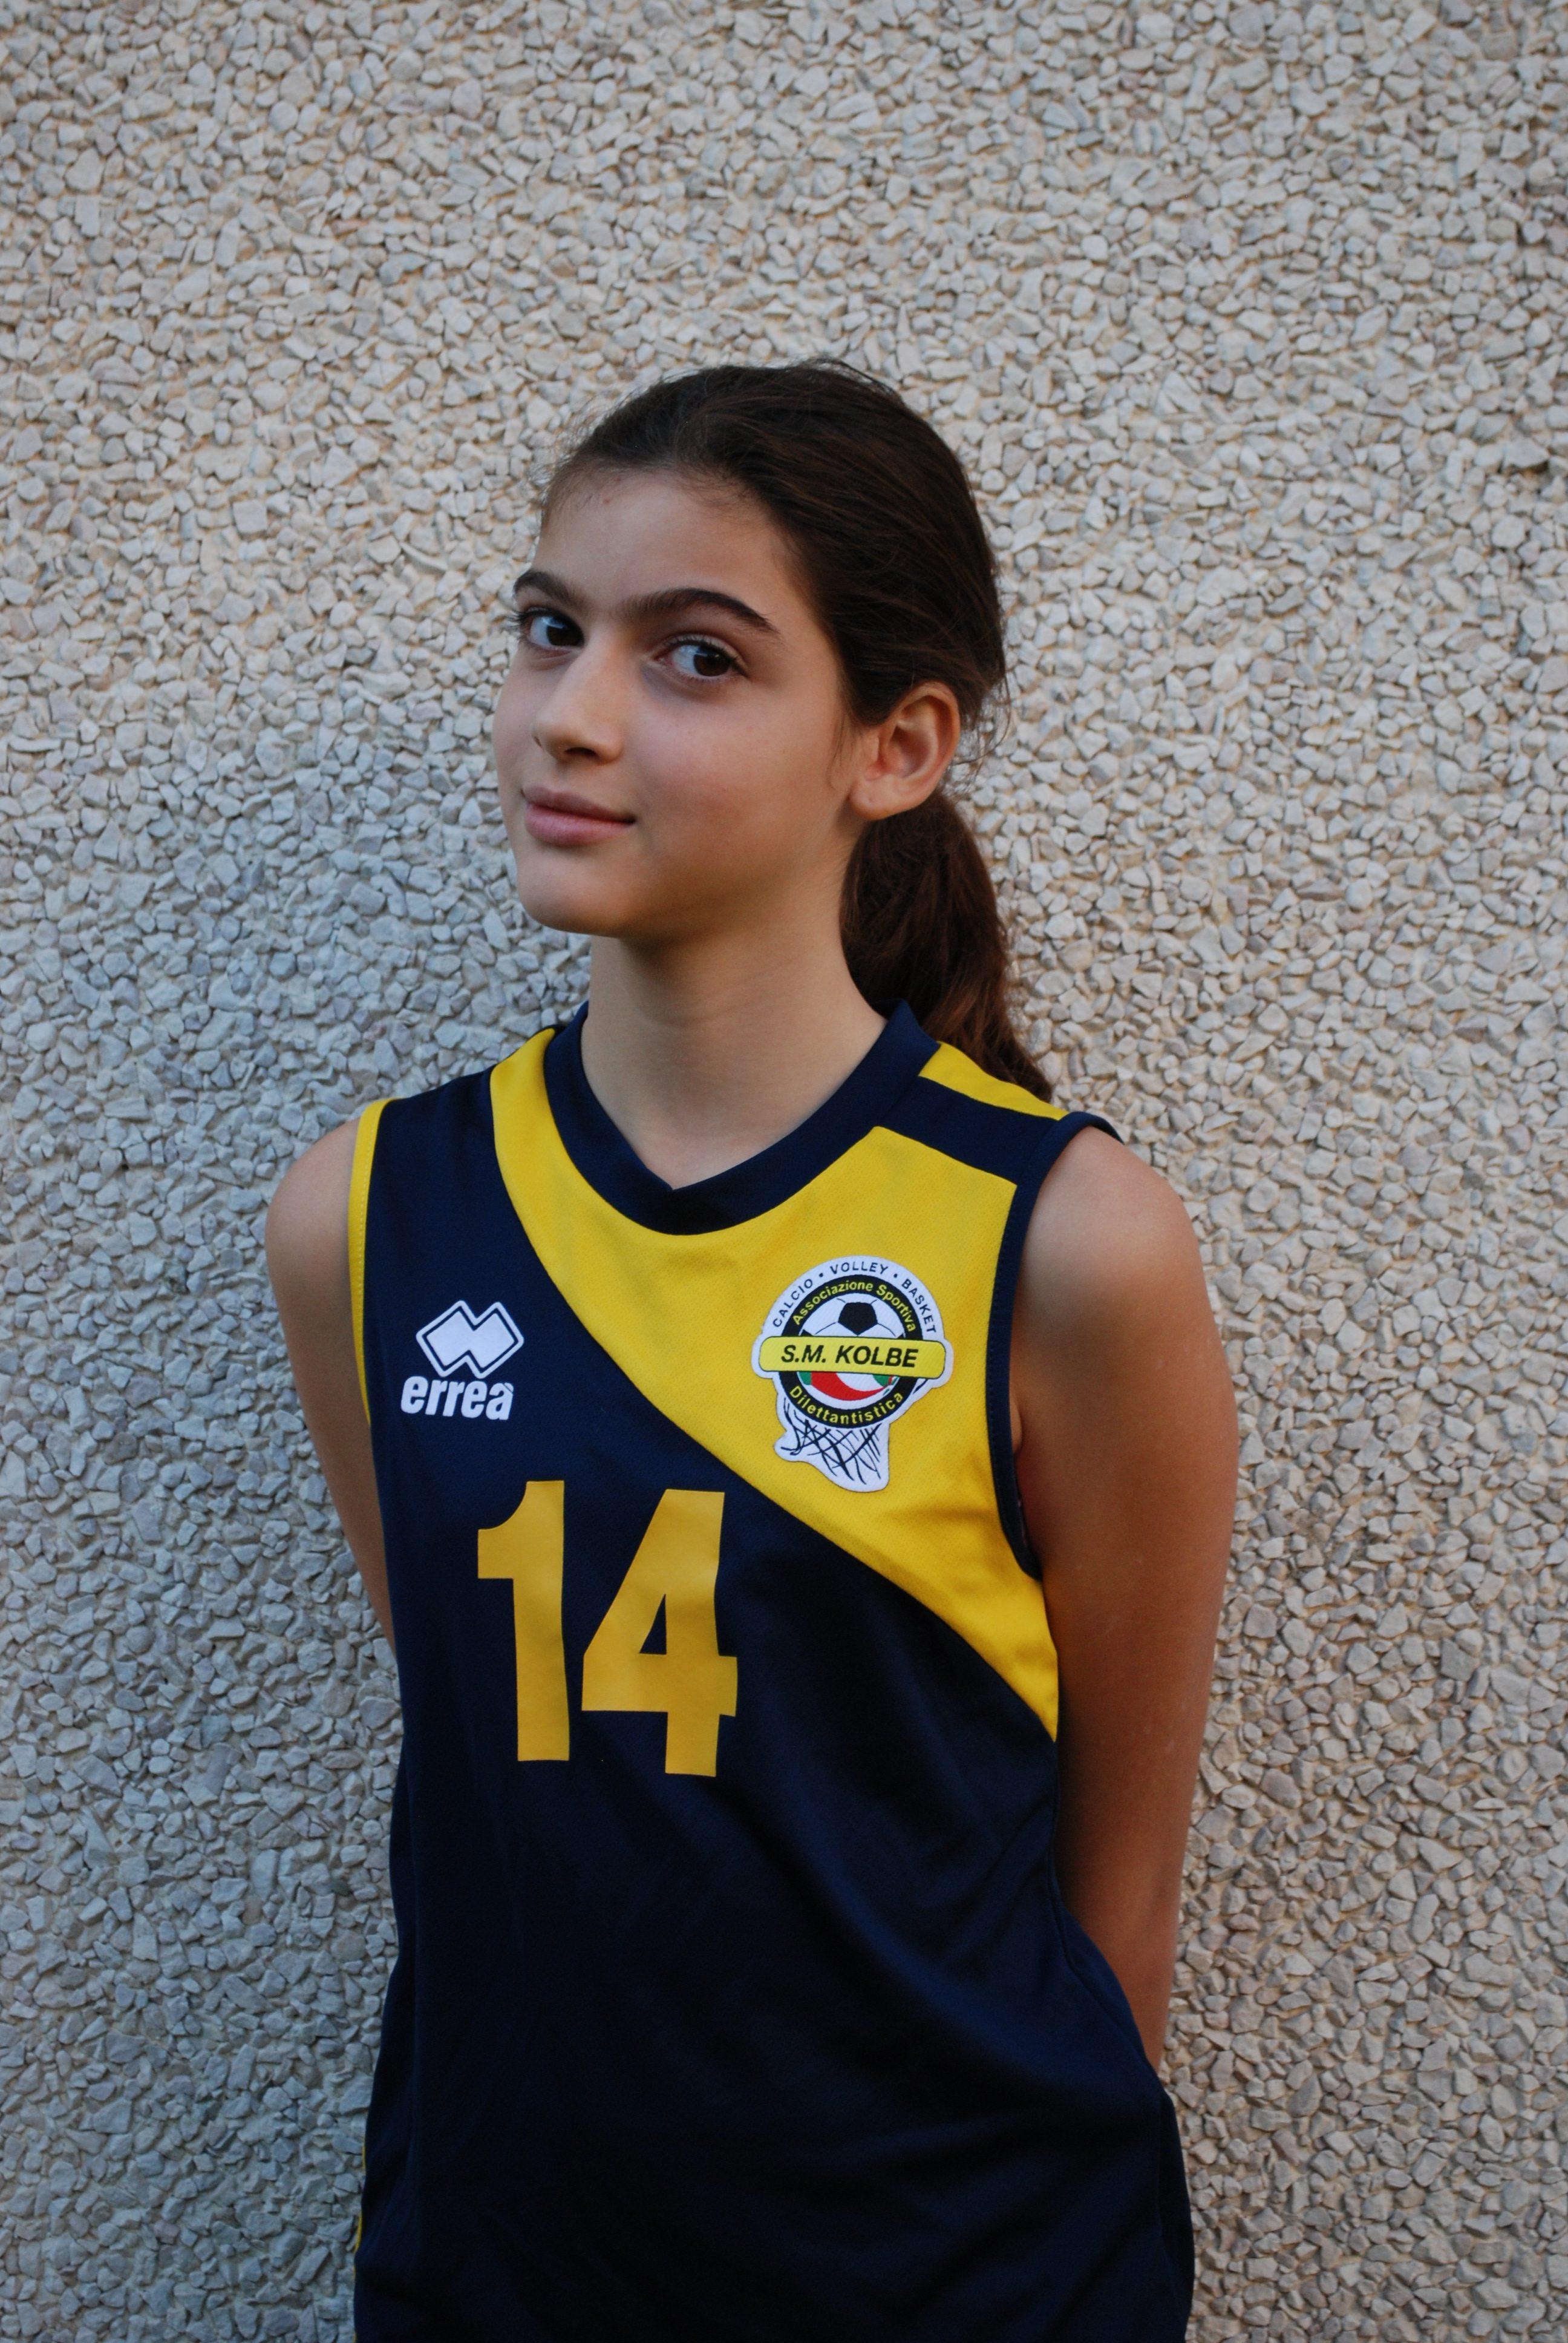 2 Isabella Mazzitelli